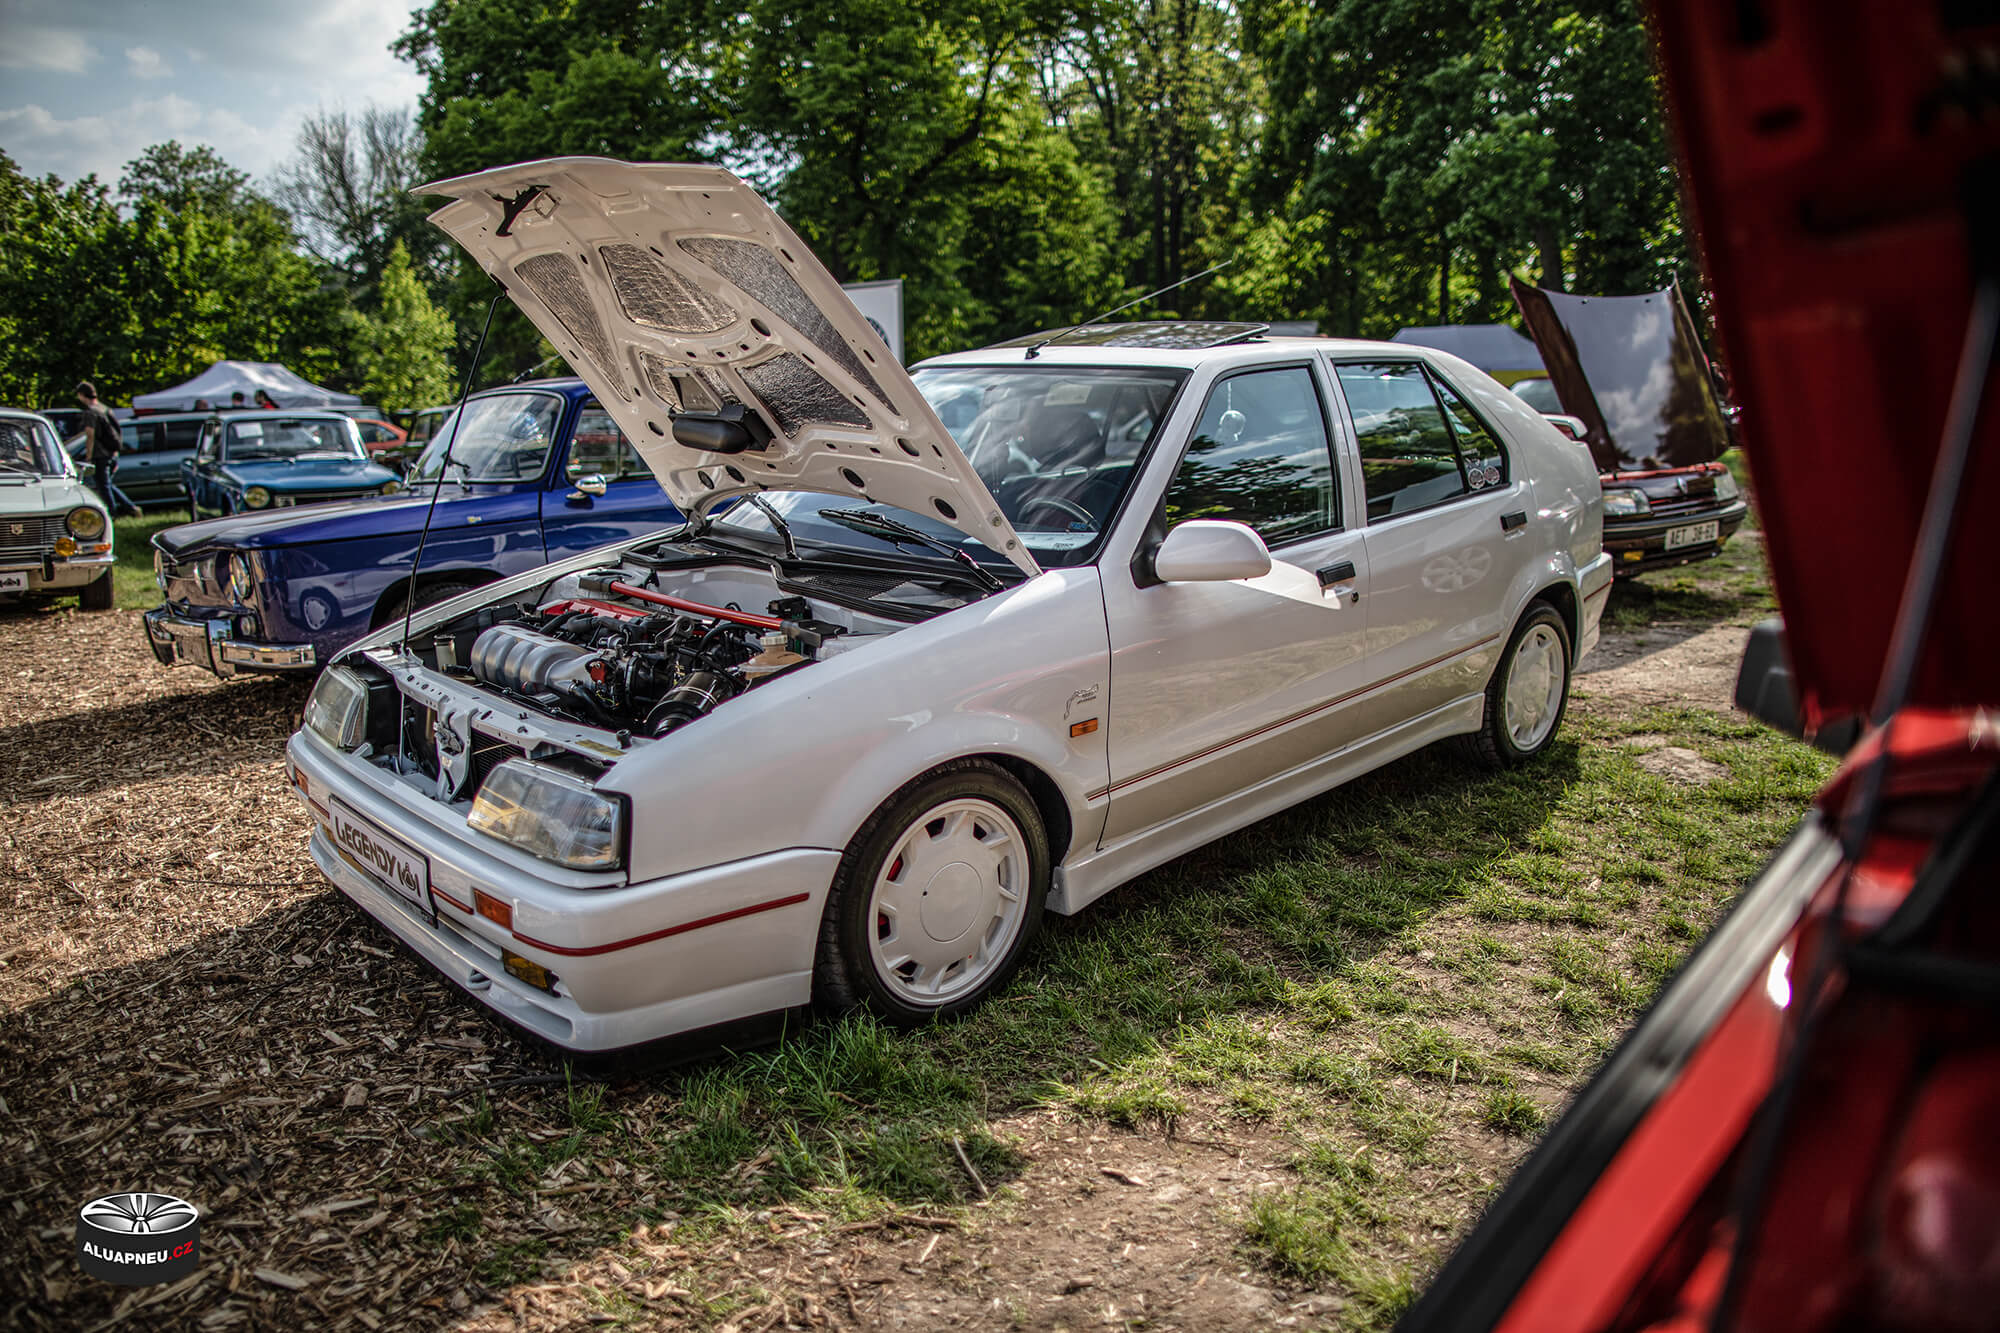 Alu kola originál Renault 19 1.8 16v - Youngtimer - www.aluapneu.cz